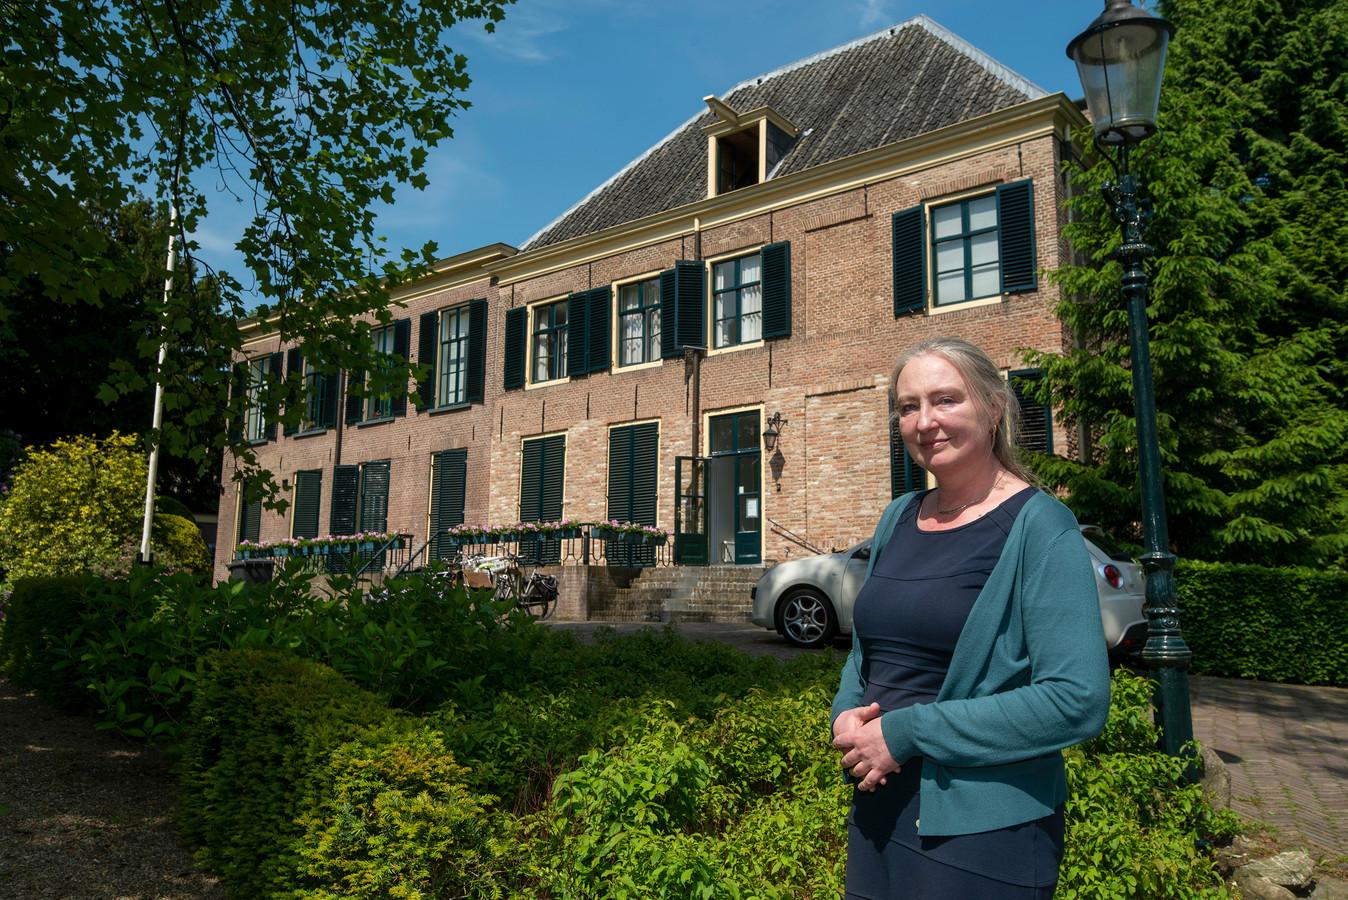 Ingrid Jacobs schreef een boek over de geschiedenis van de gemeente Rozendaal.